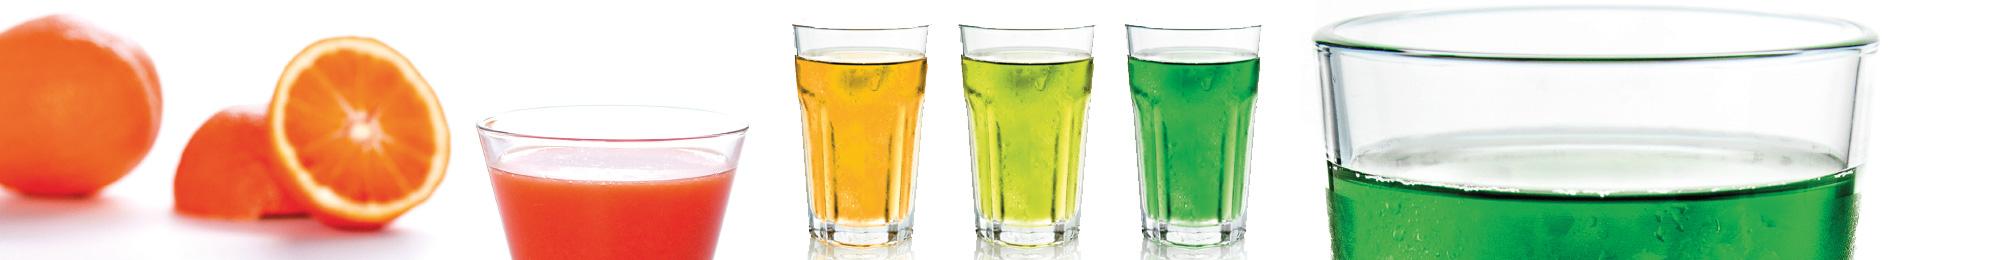 Titelbild mit kühlen Getränken im Glas